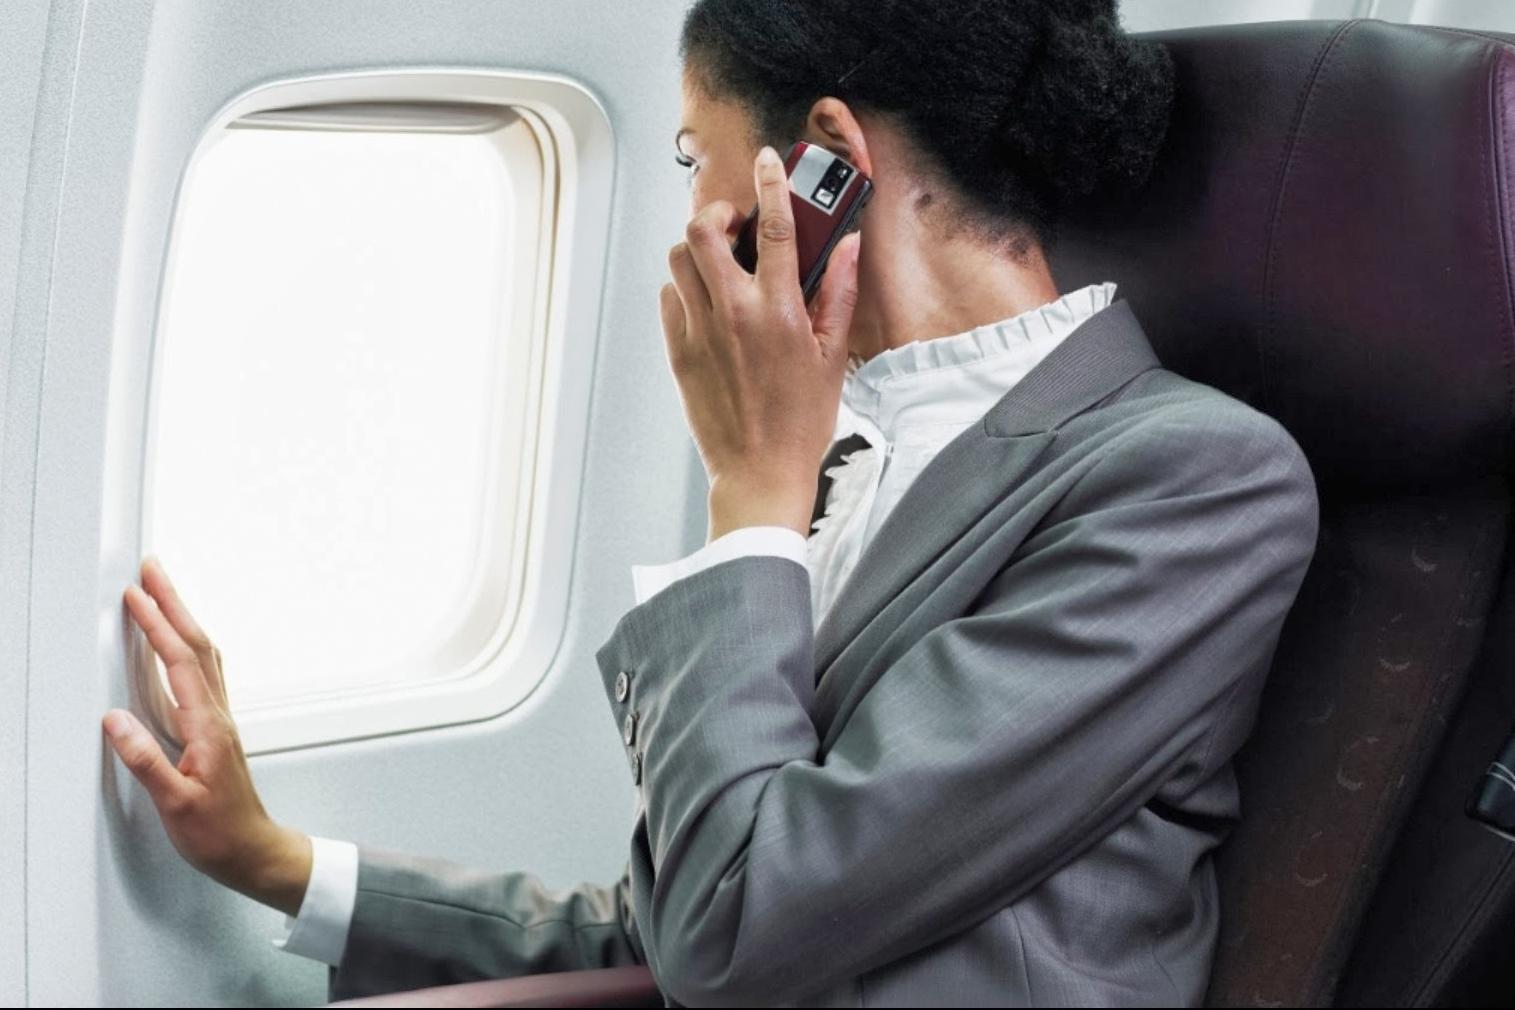 «Мегафон» составил рейтинг летней интернет-активности в аэропортах Москвы